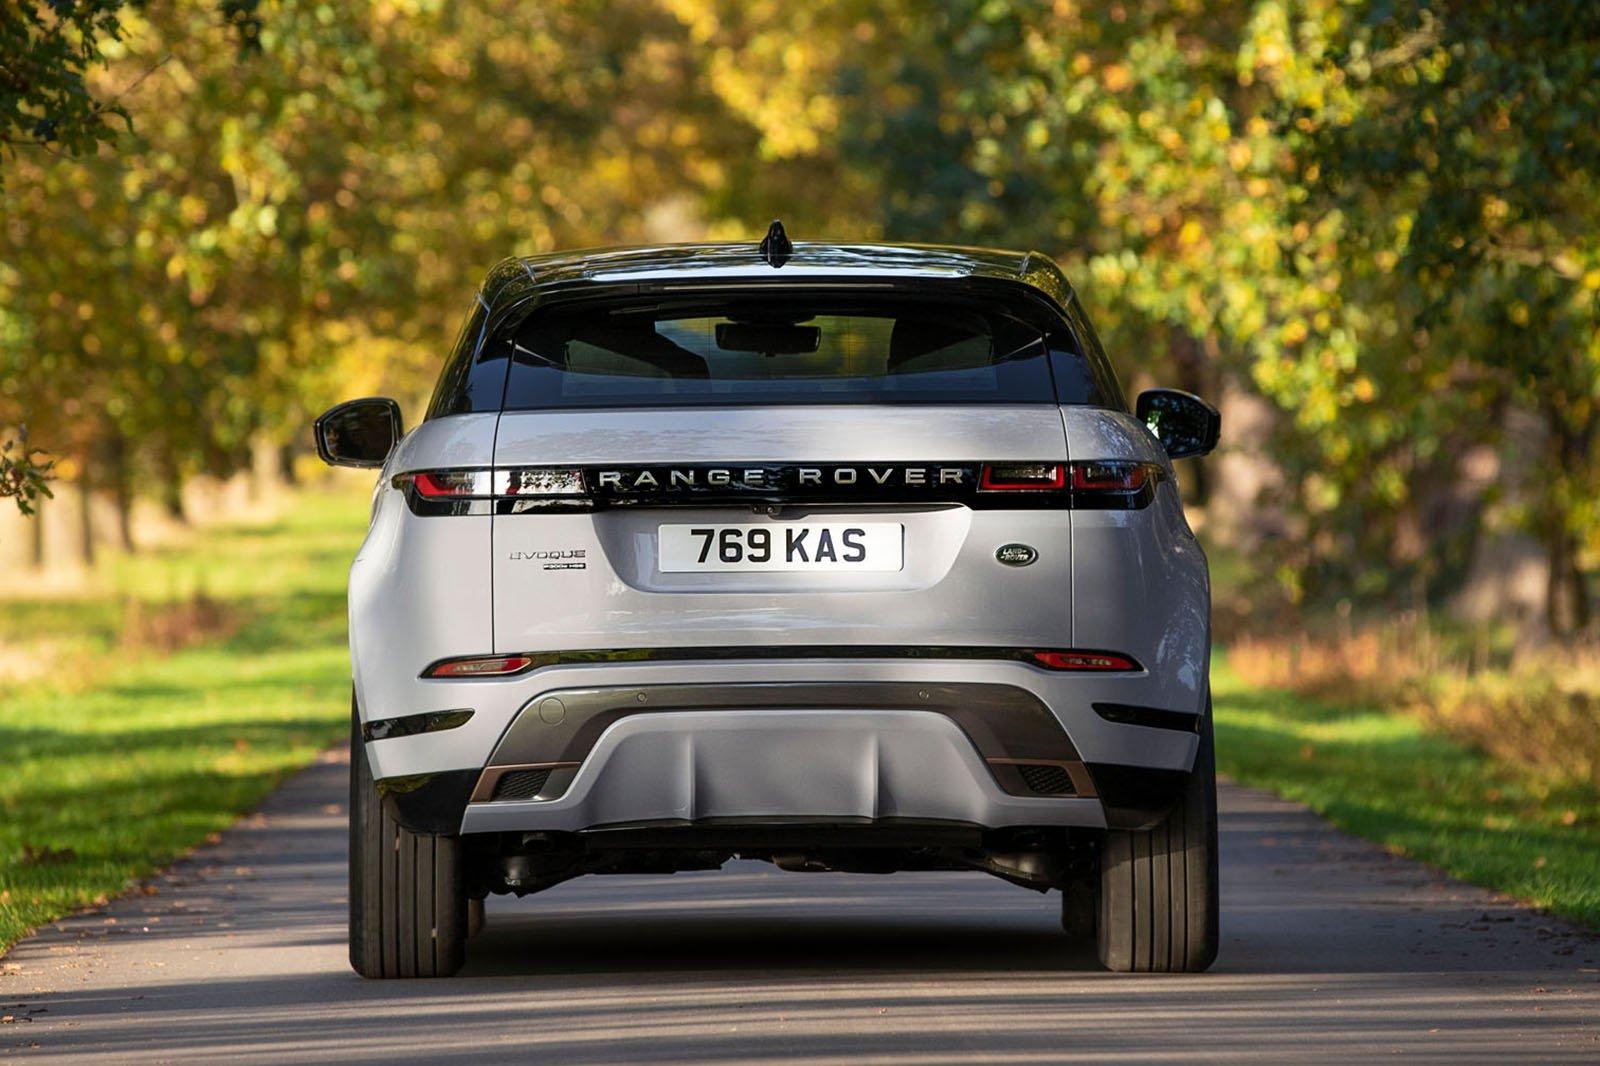 2020 Range Rover Evoque P300e rear